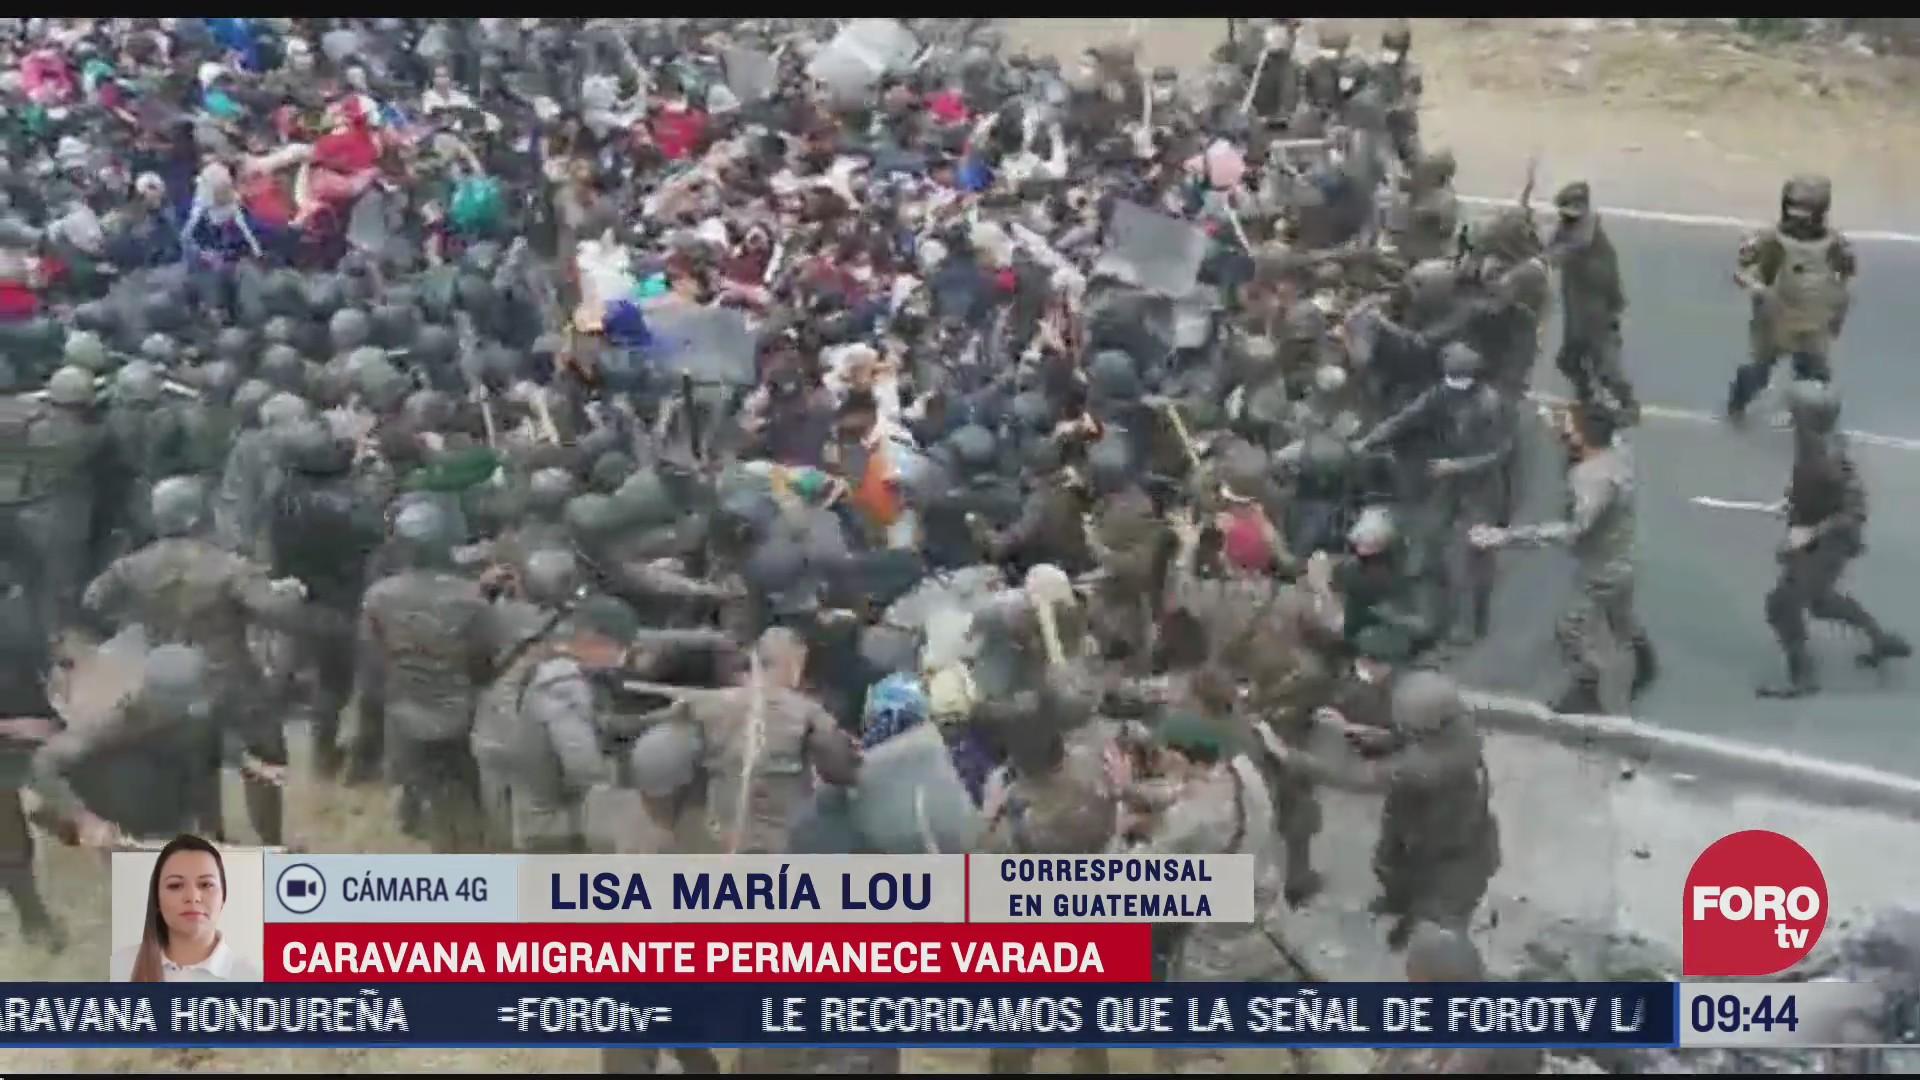 caravana migrante permanece varada en guatemala